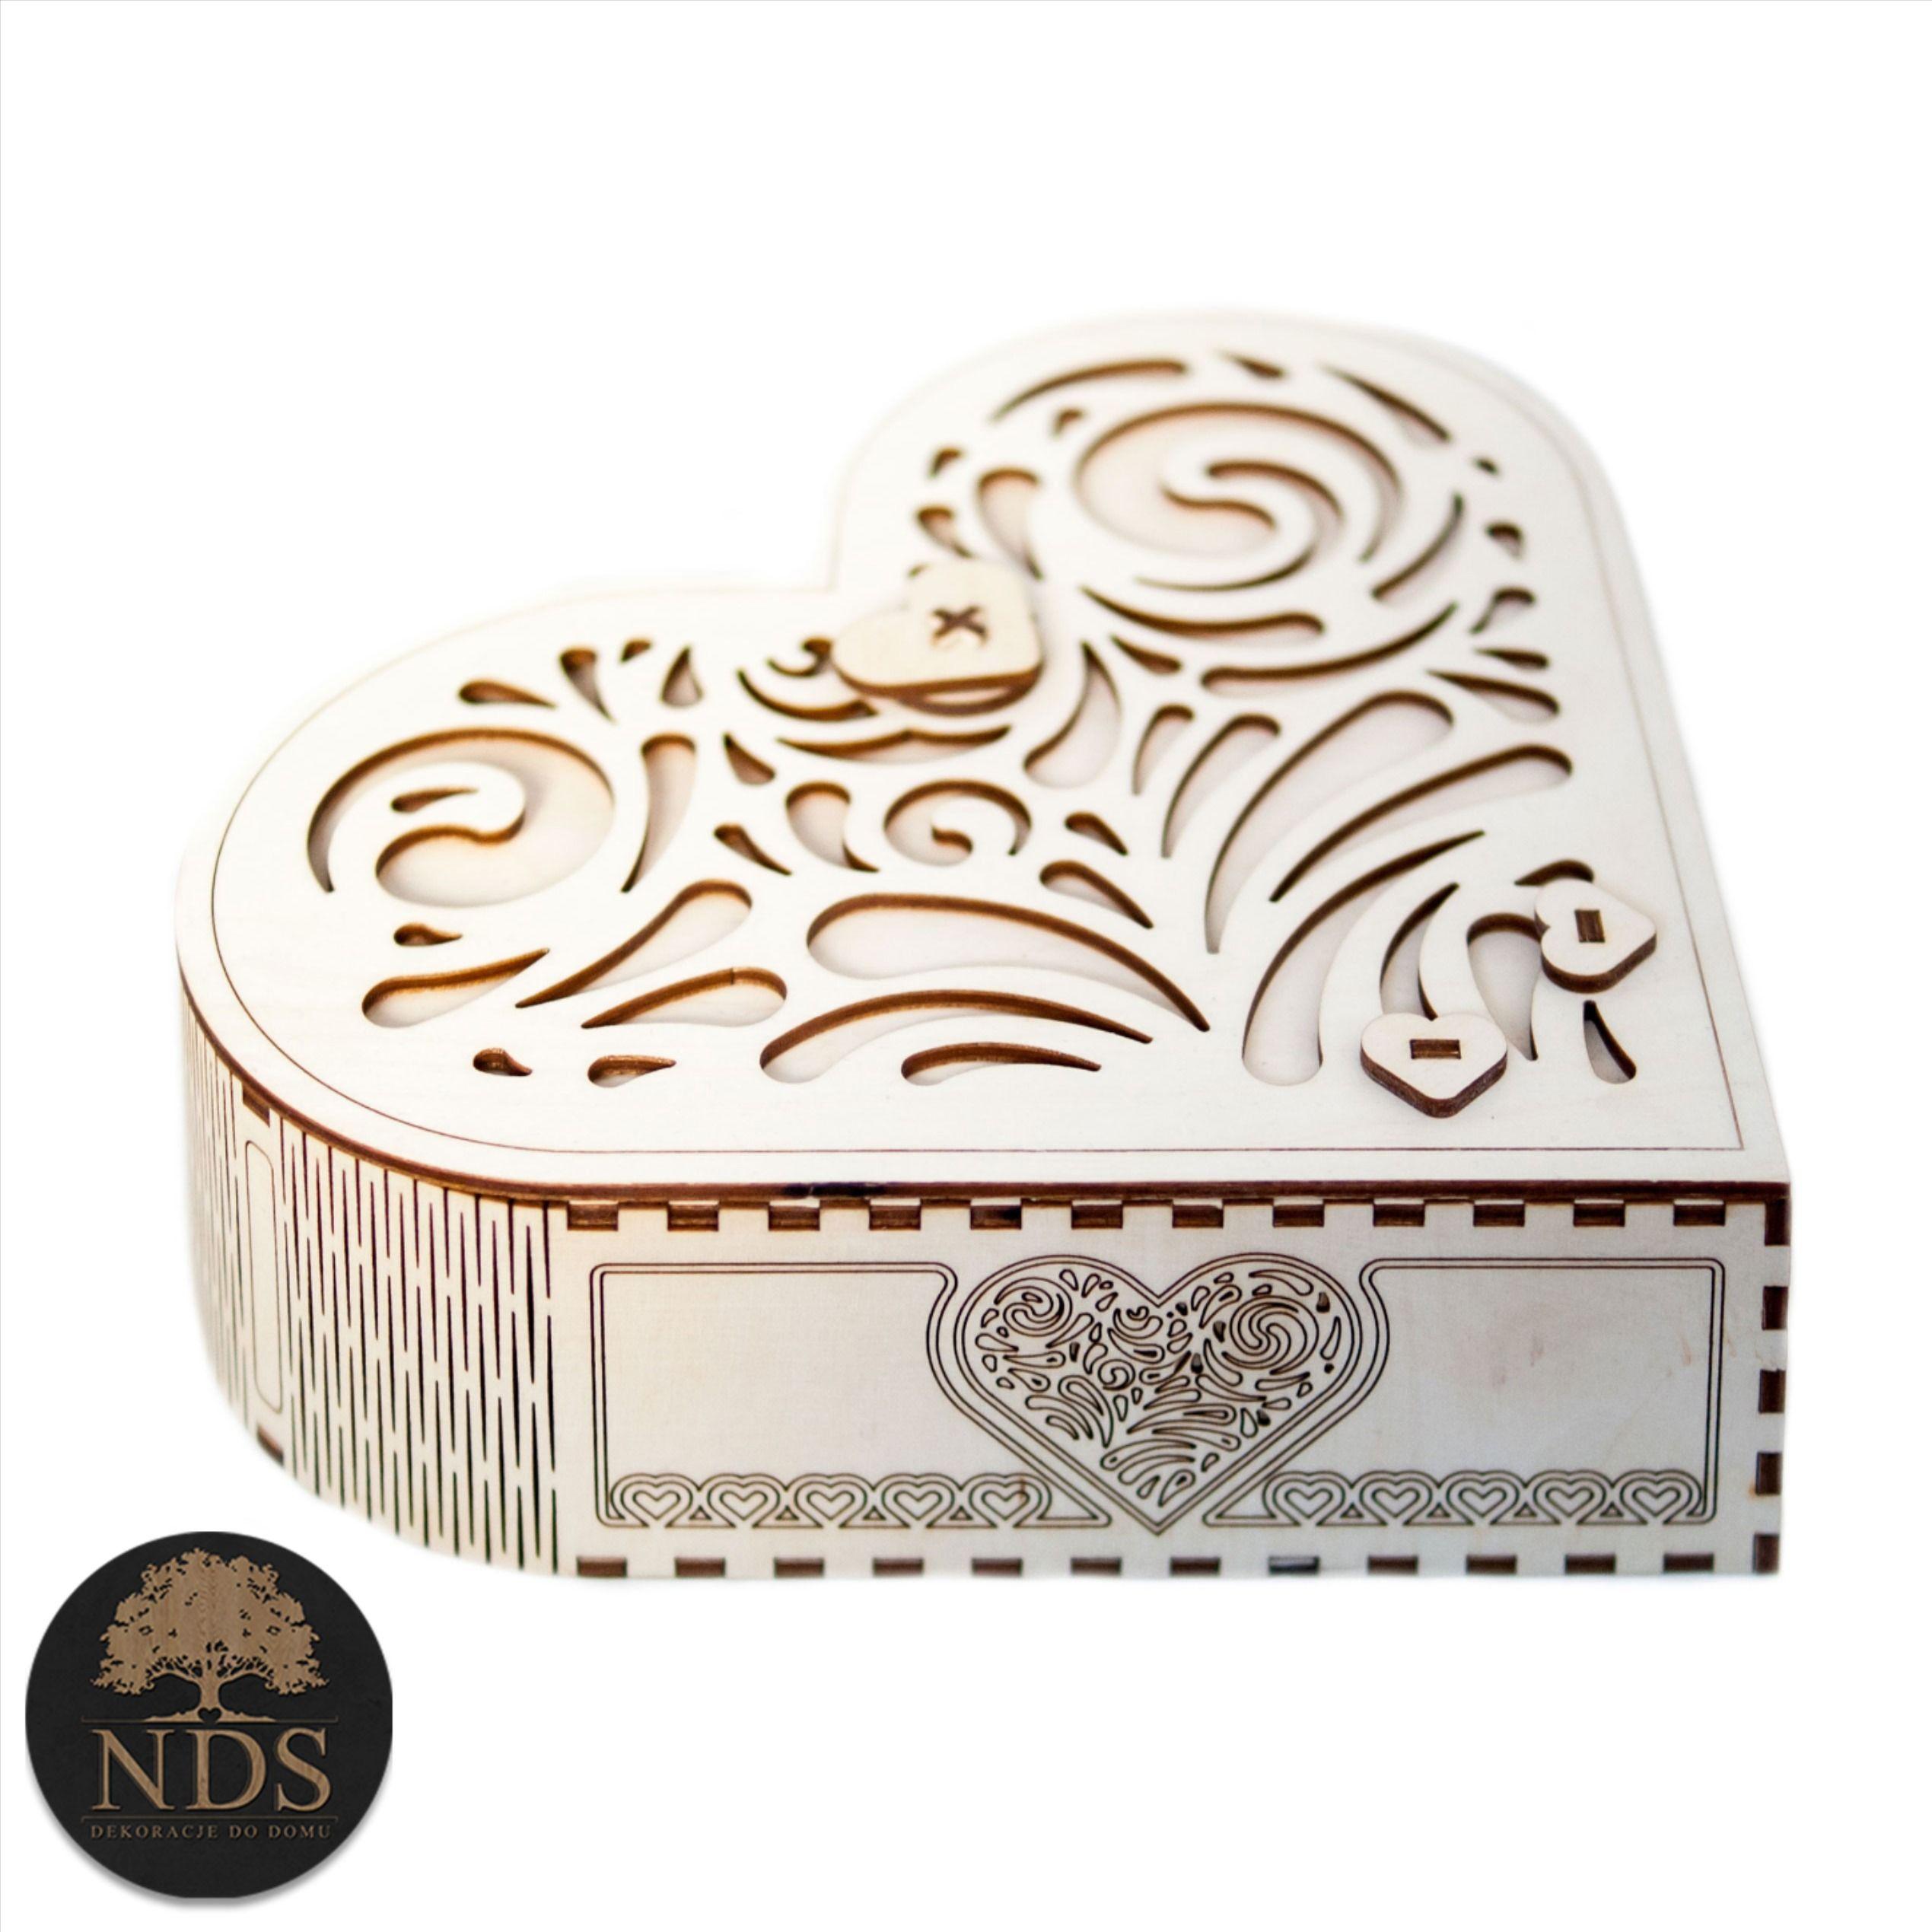 Duze Walentynkowe Pudelko W Ksztalcie Serca Slub Decorative Boxes Box Decor